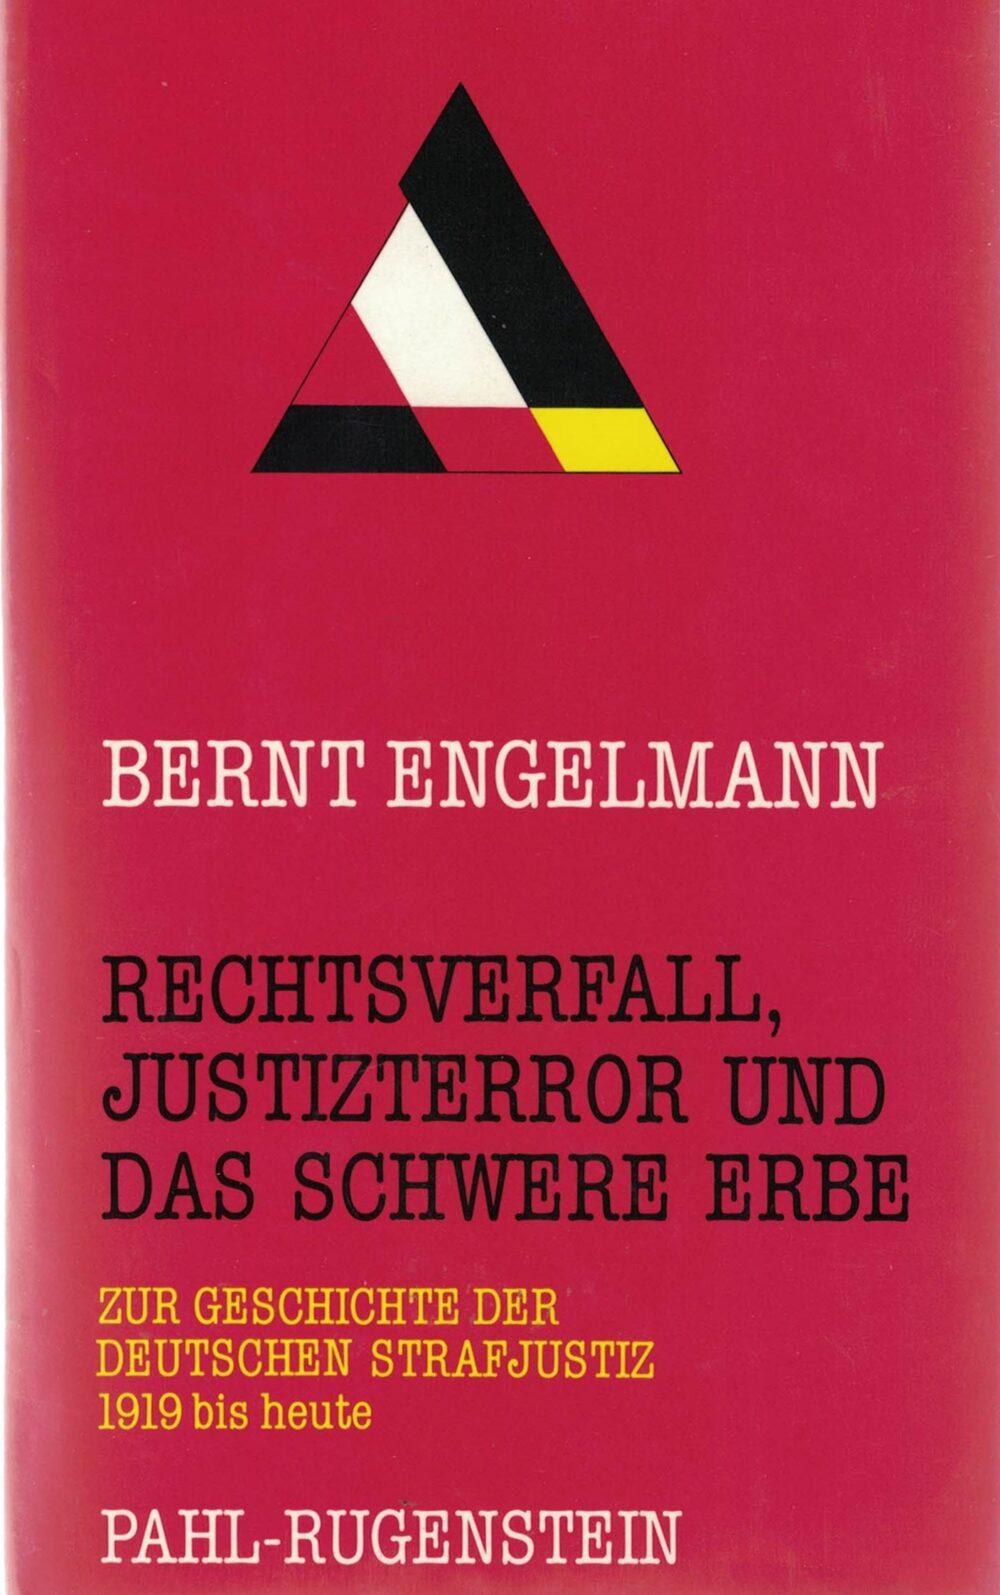 Bernt Engelmann - Rechtsverfall, Justizterror und das schwere Erbe - Die unsichtbare Tradition